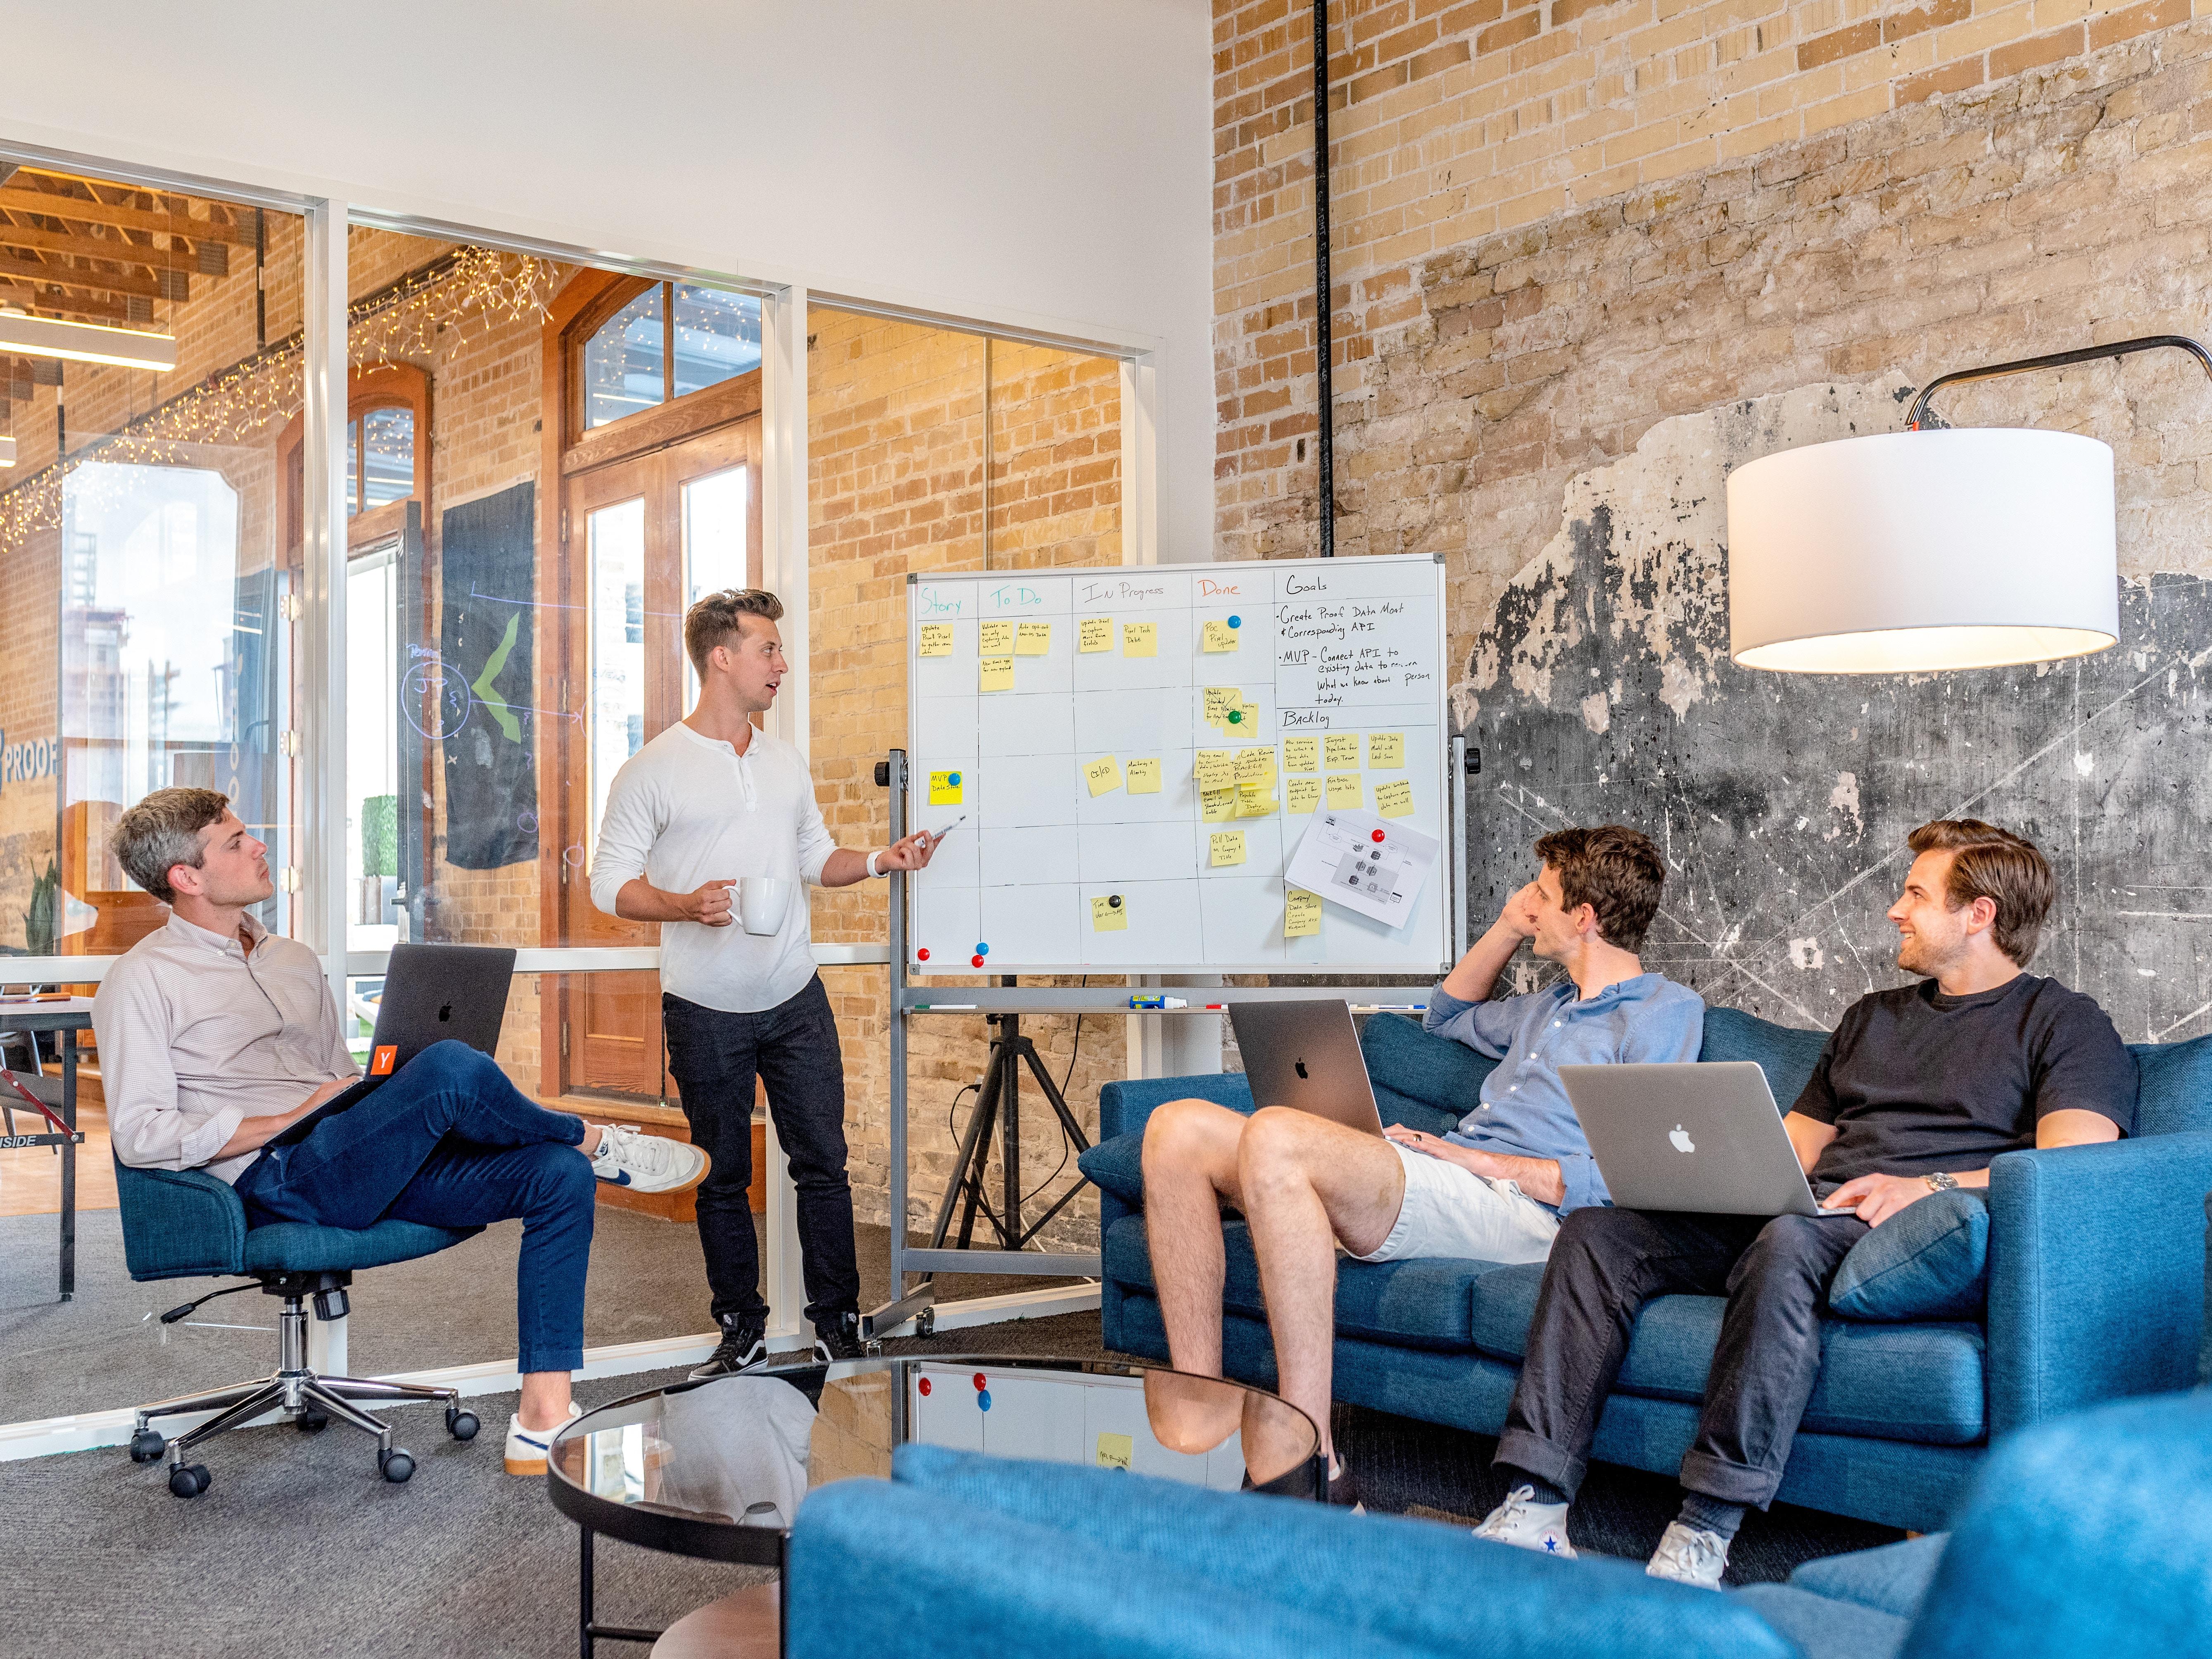 ITのホワイト企業の16の特徴【未経験から転職する会社選びの方法】